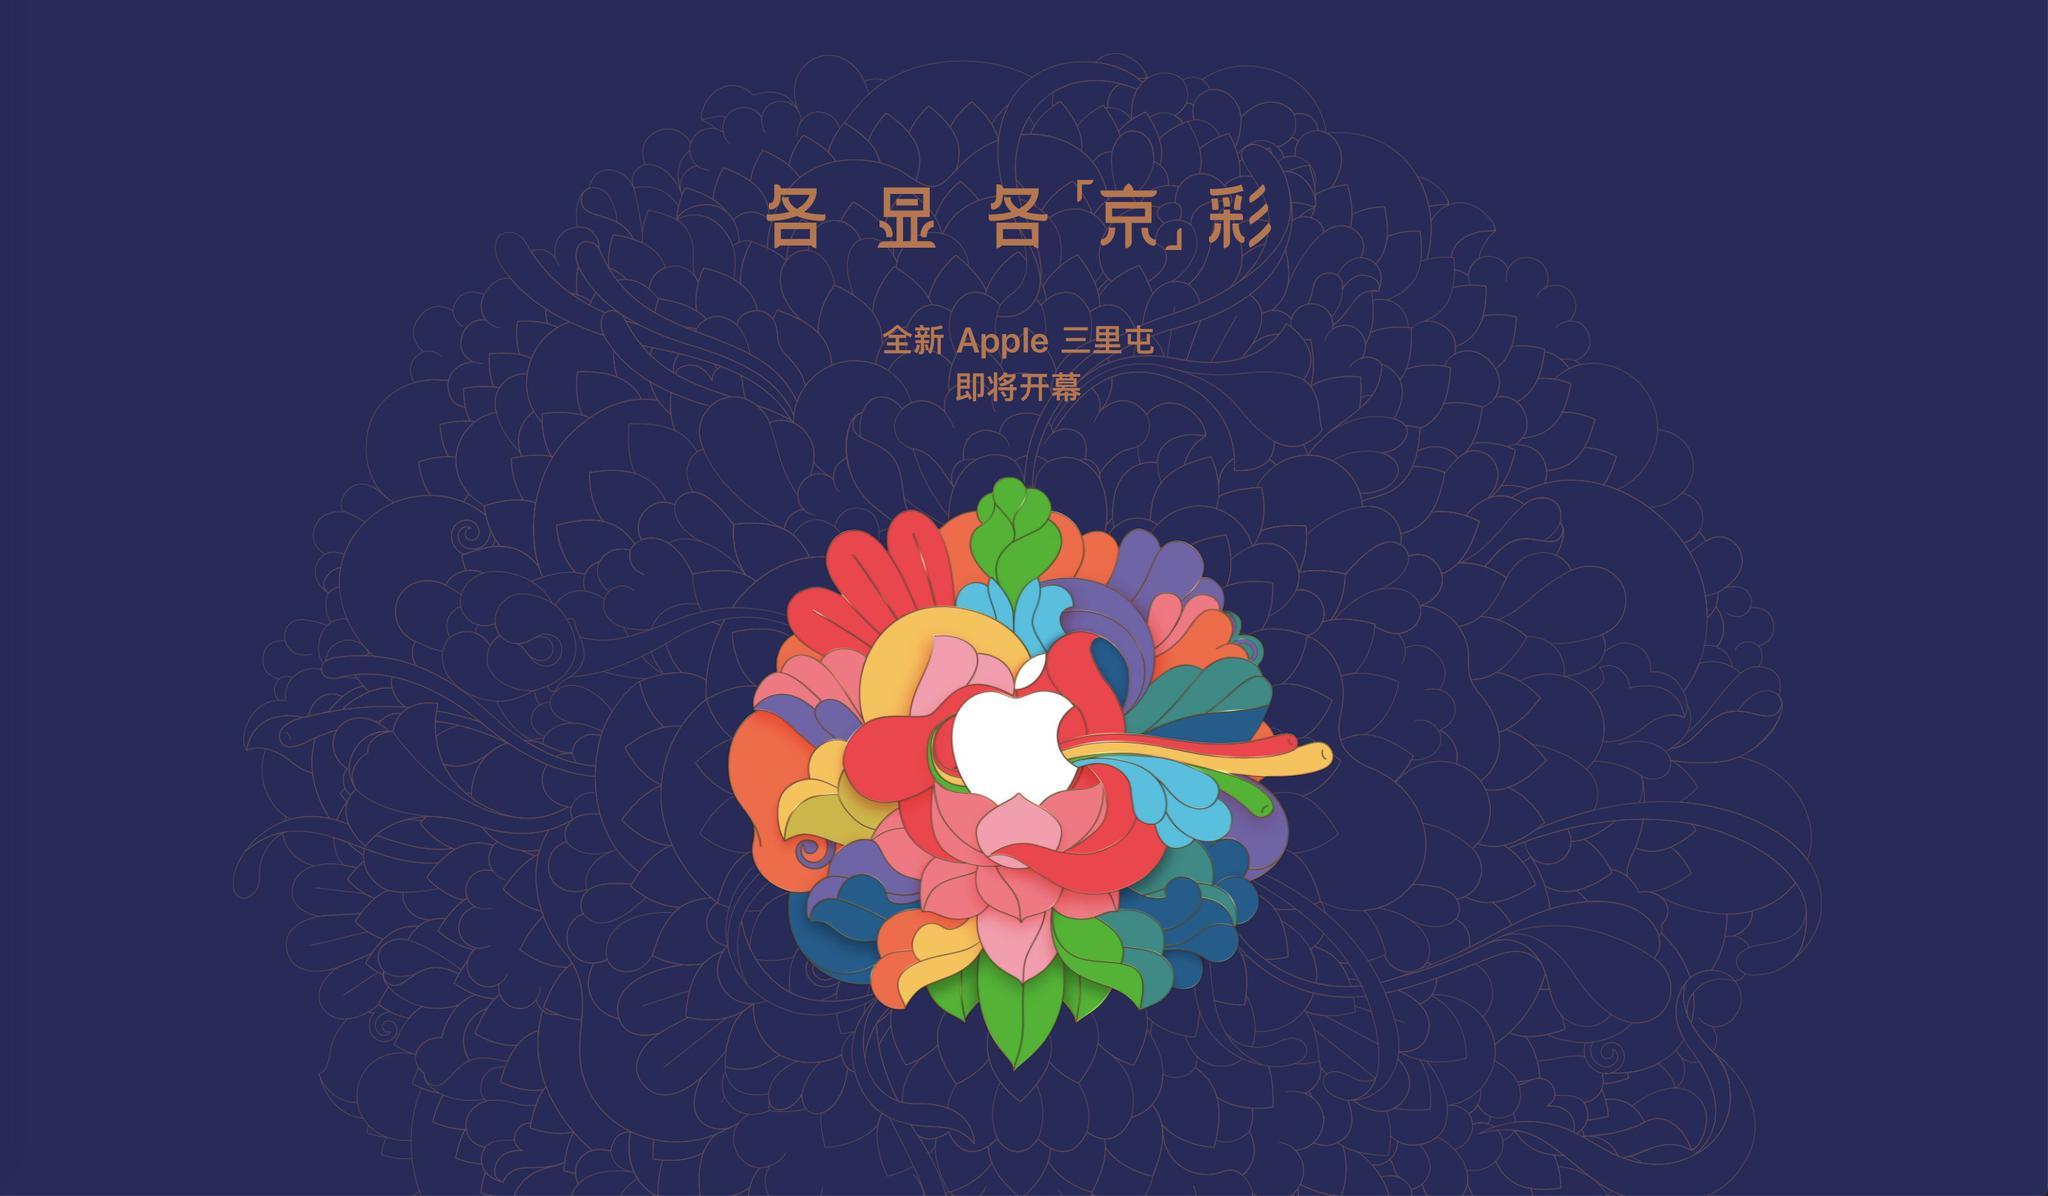 苹果在北京三里屯开设新门店